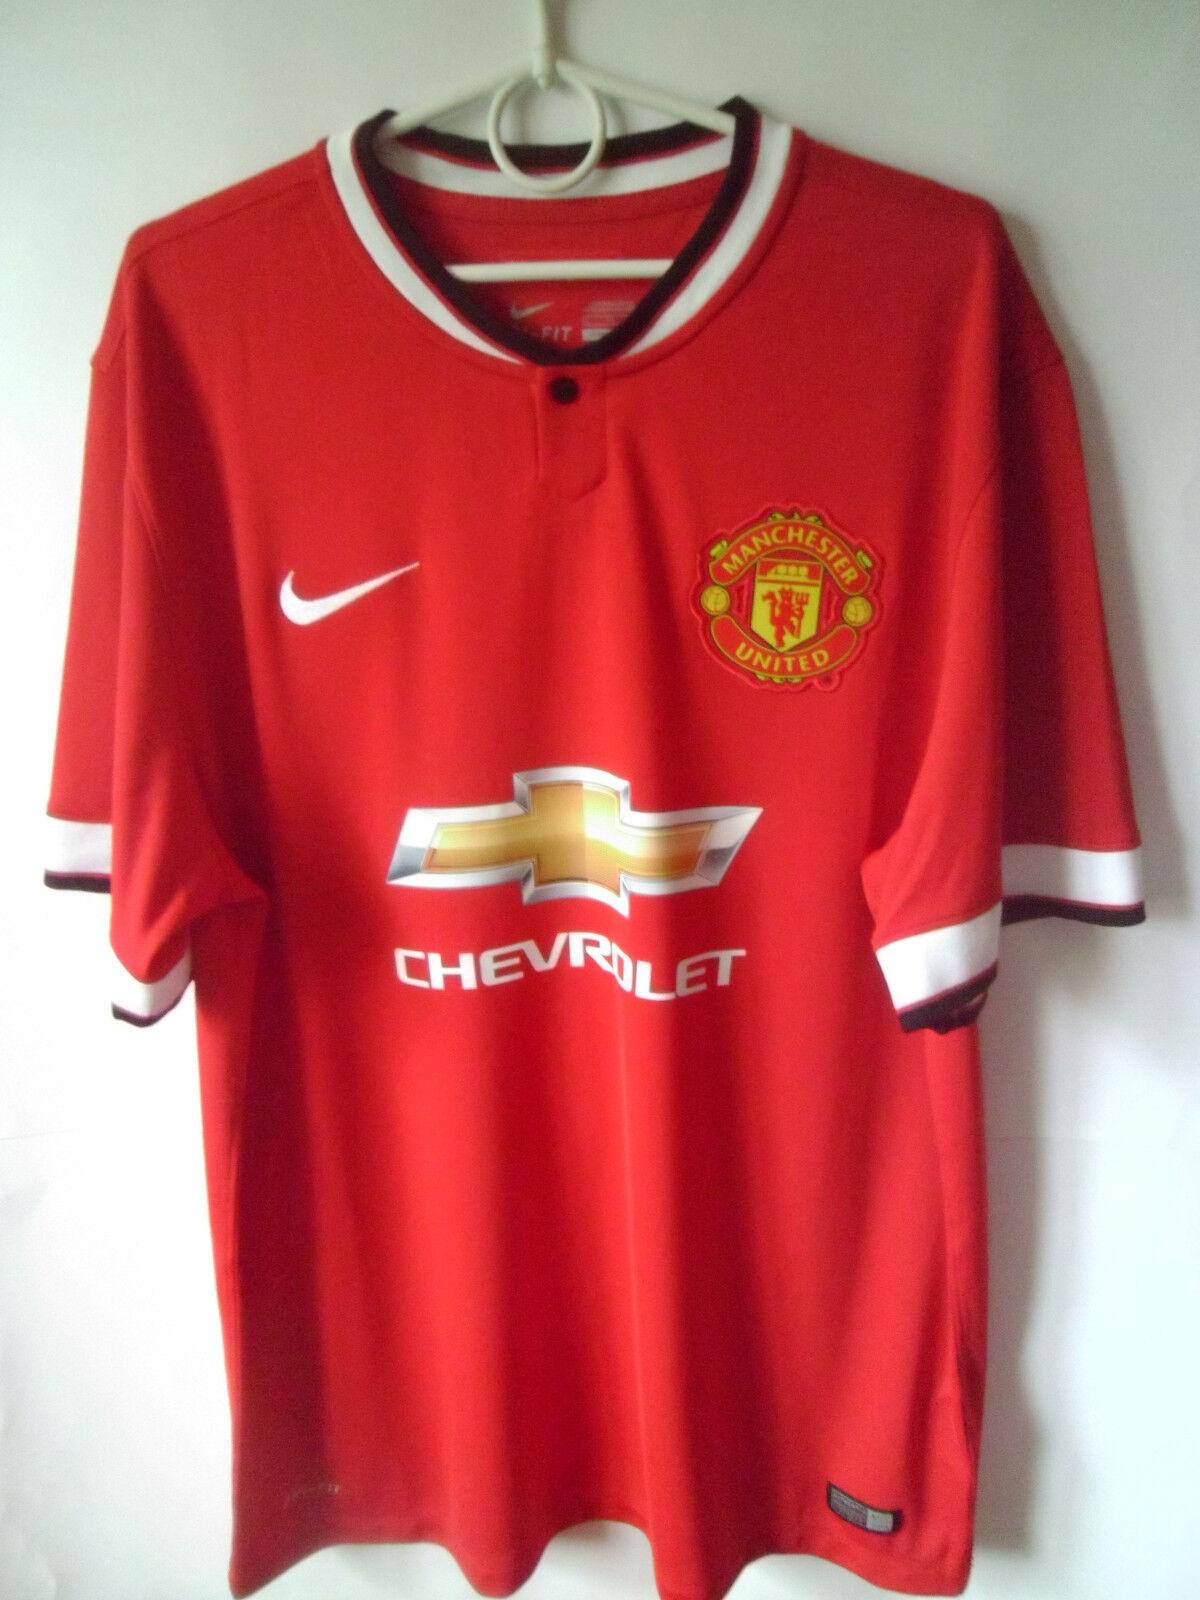 EXCELLENT     2014-15 2014-15 2014-15 Manchester United Home Shirt Jersey Trikot XL 94746e